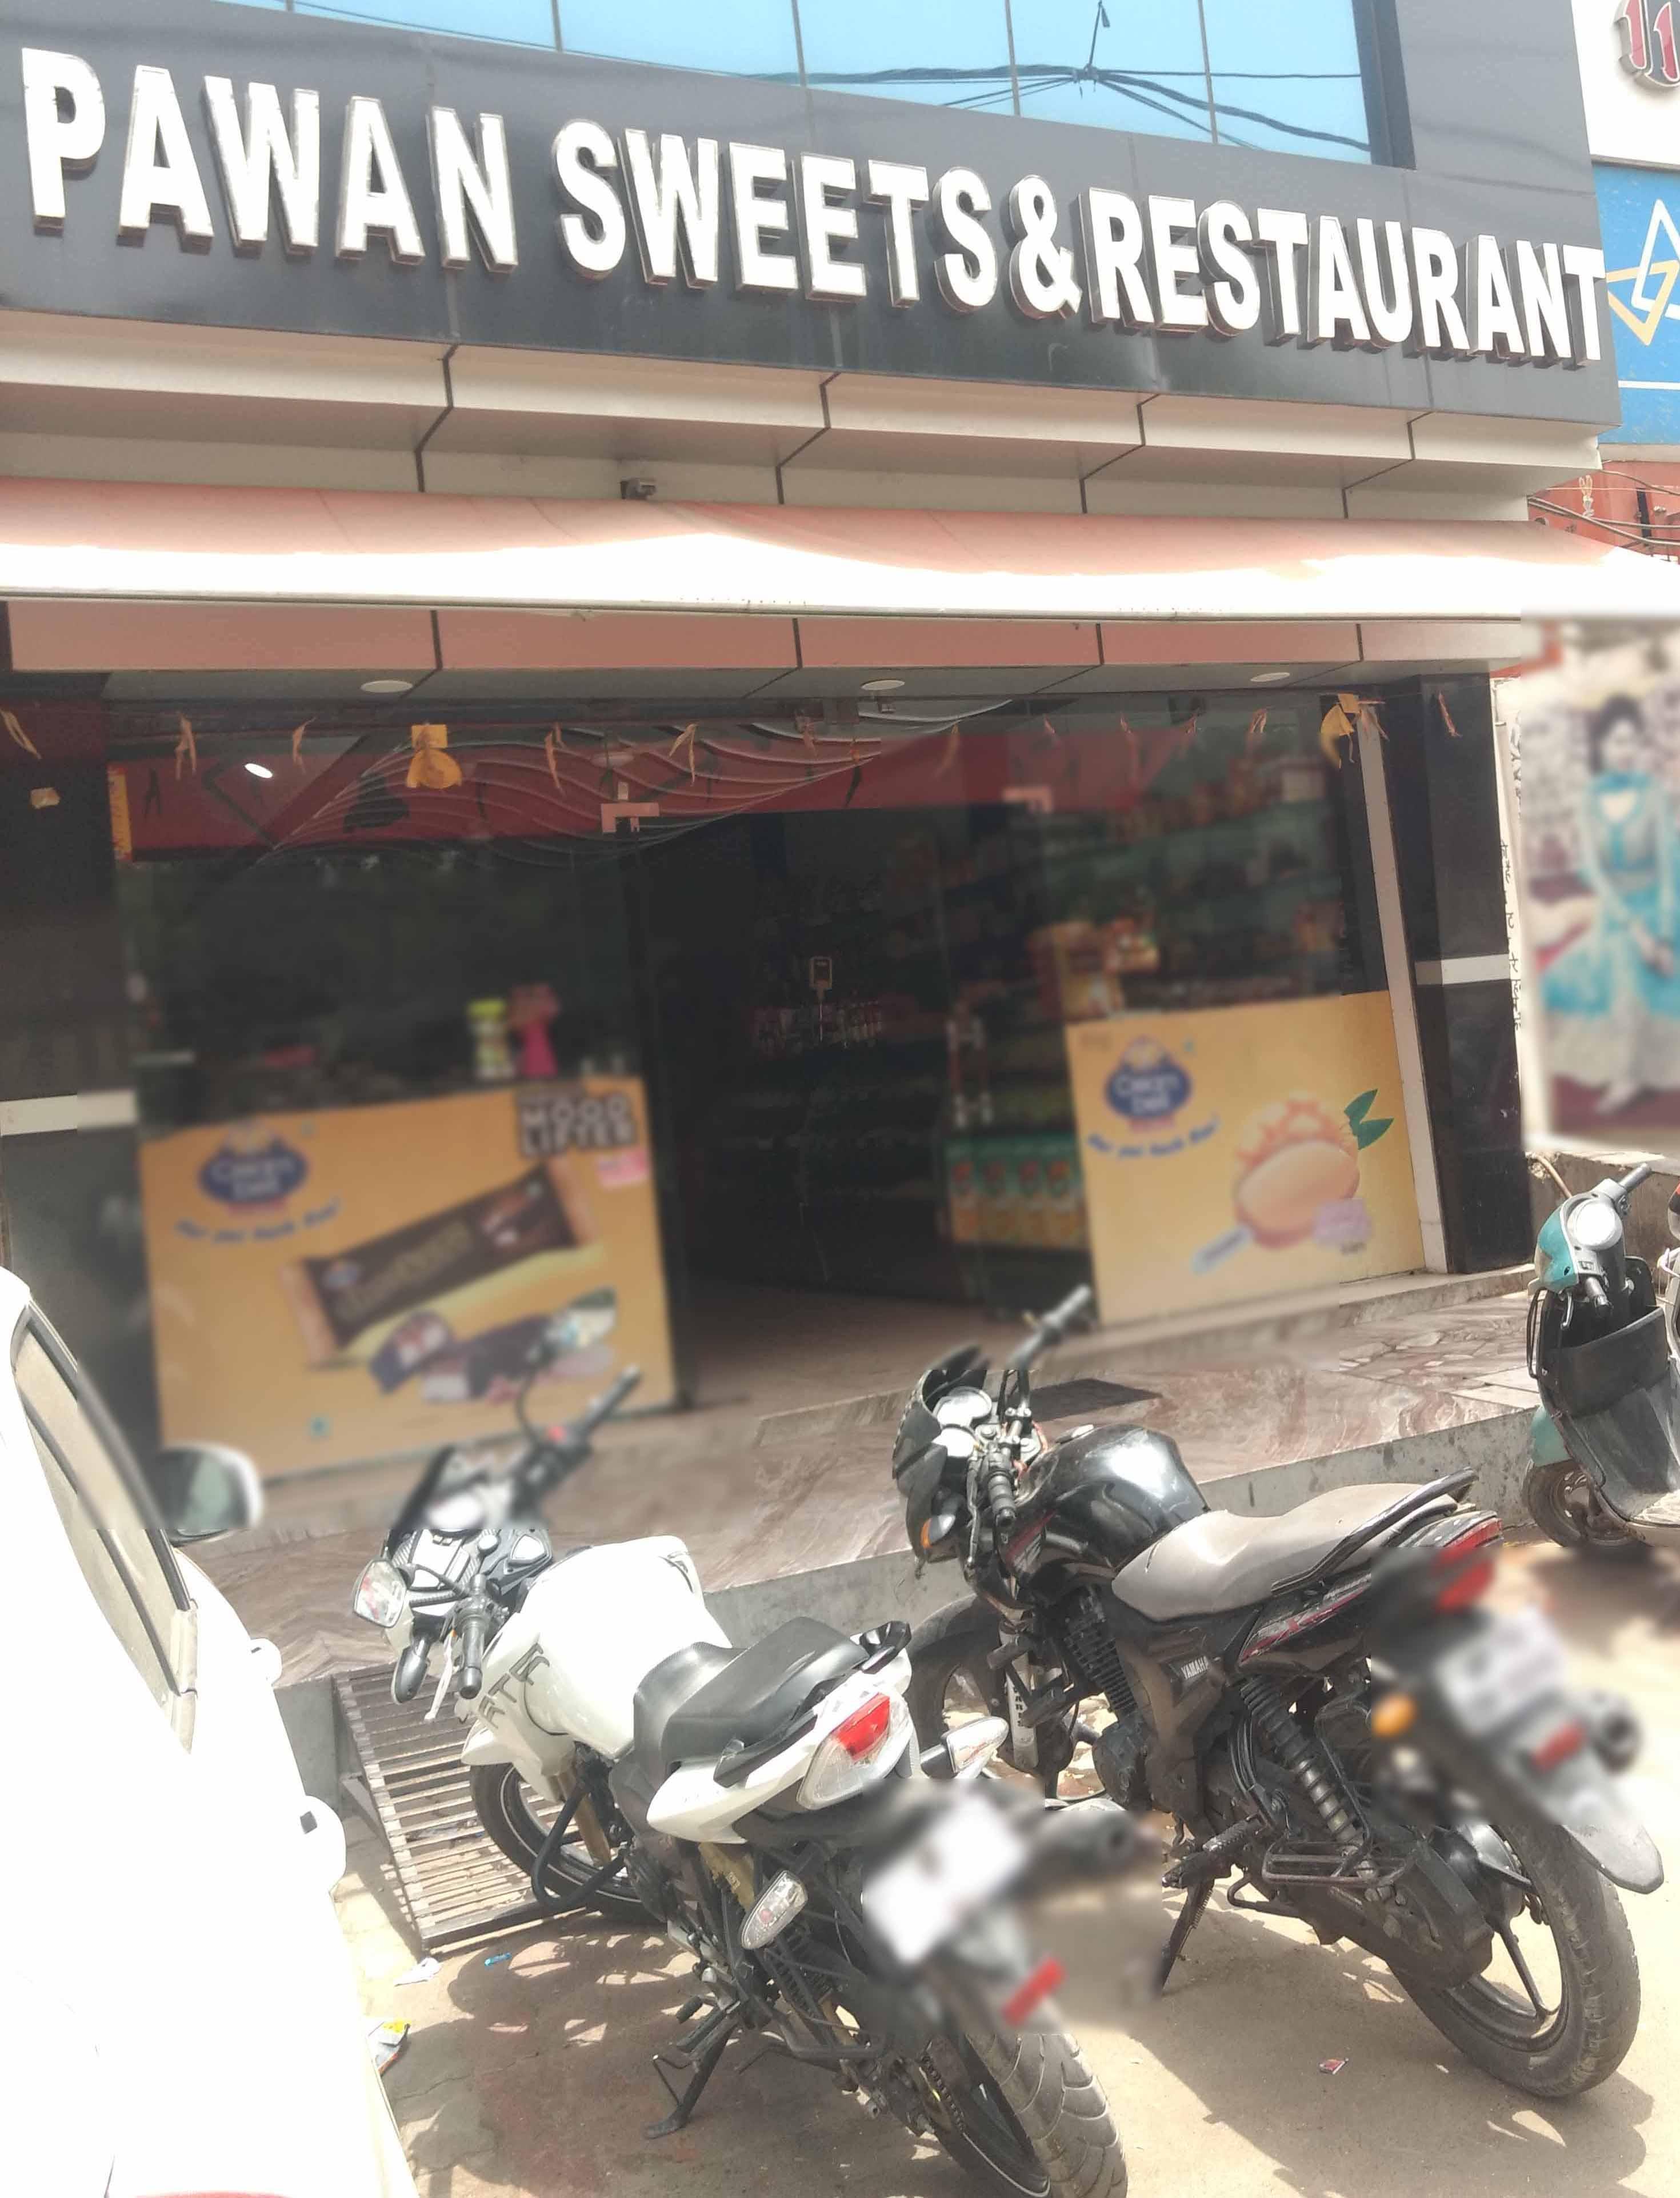 Pawan Sweets - Lal Bangla - Kanpur Image